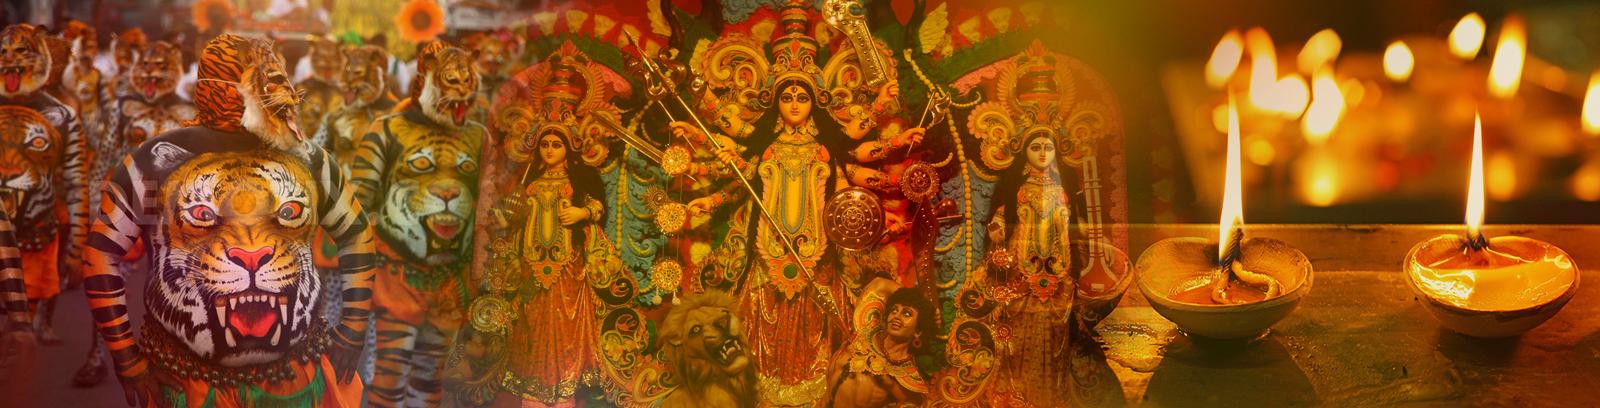 Festival celebrations - Plan Kerala Tour